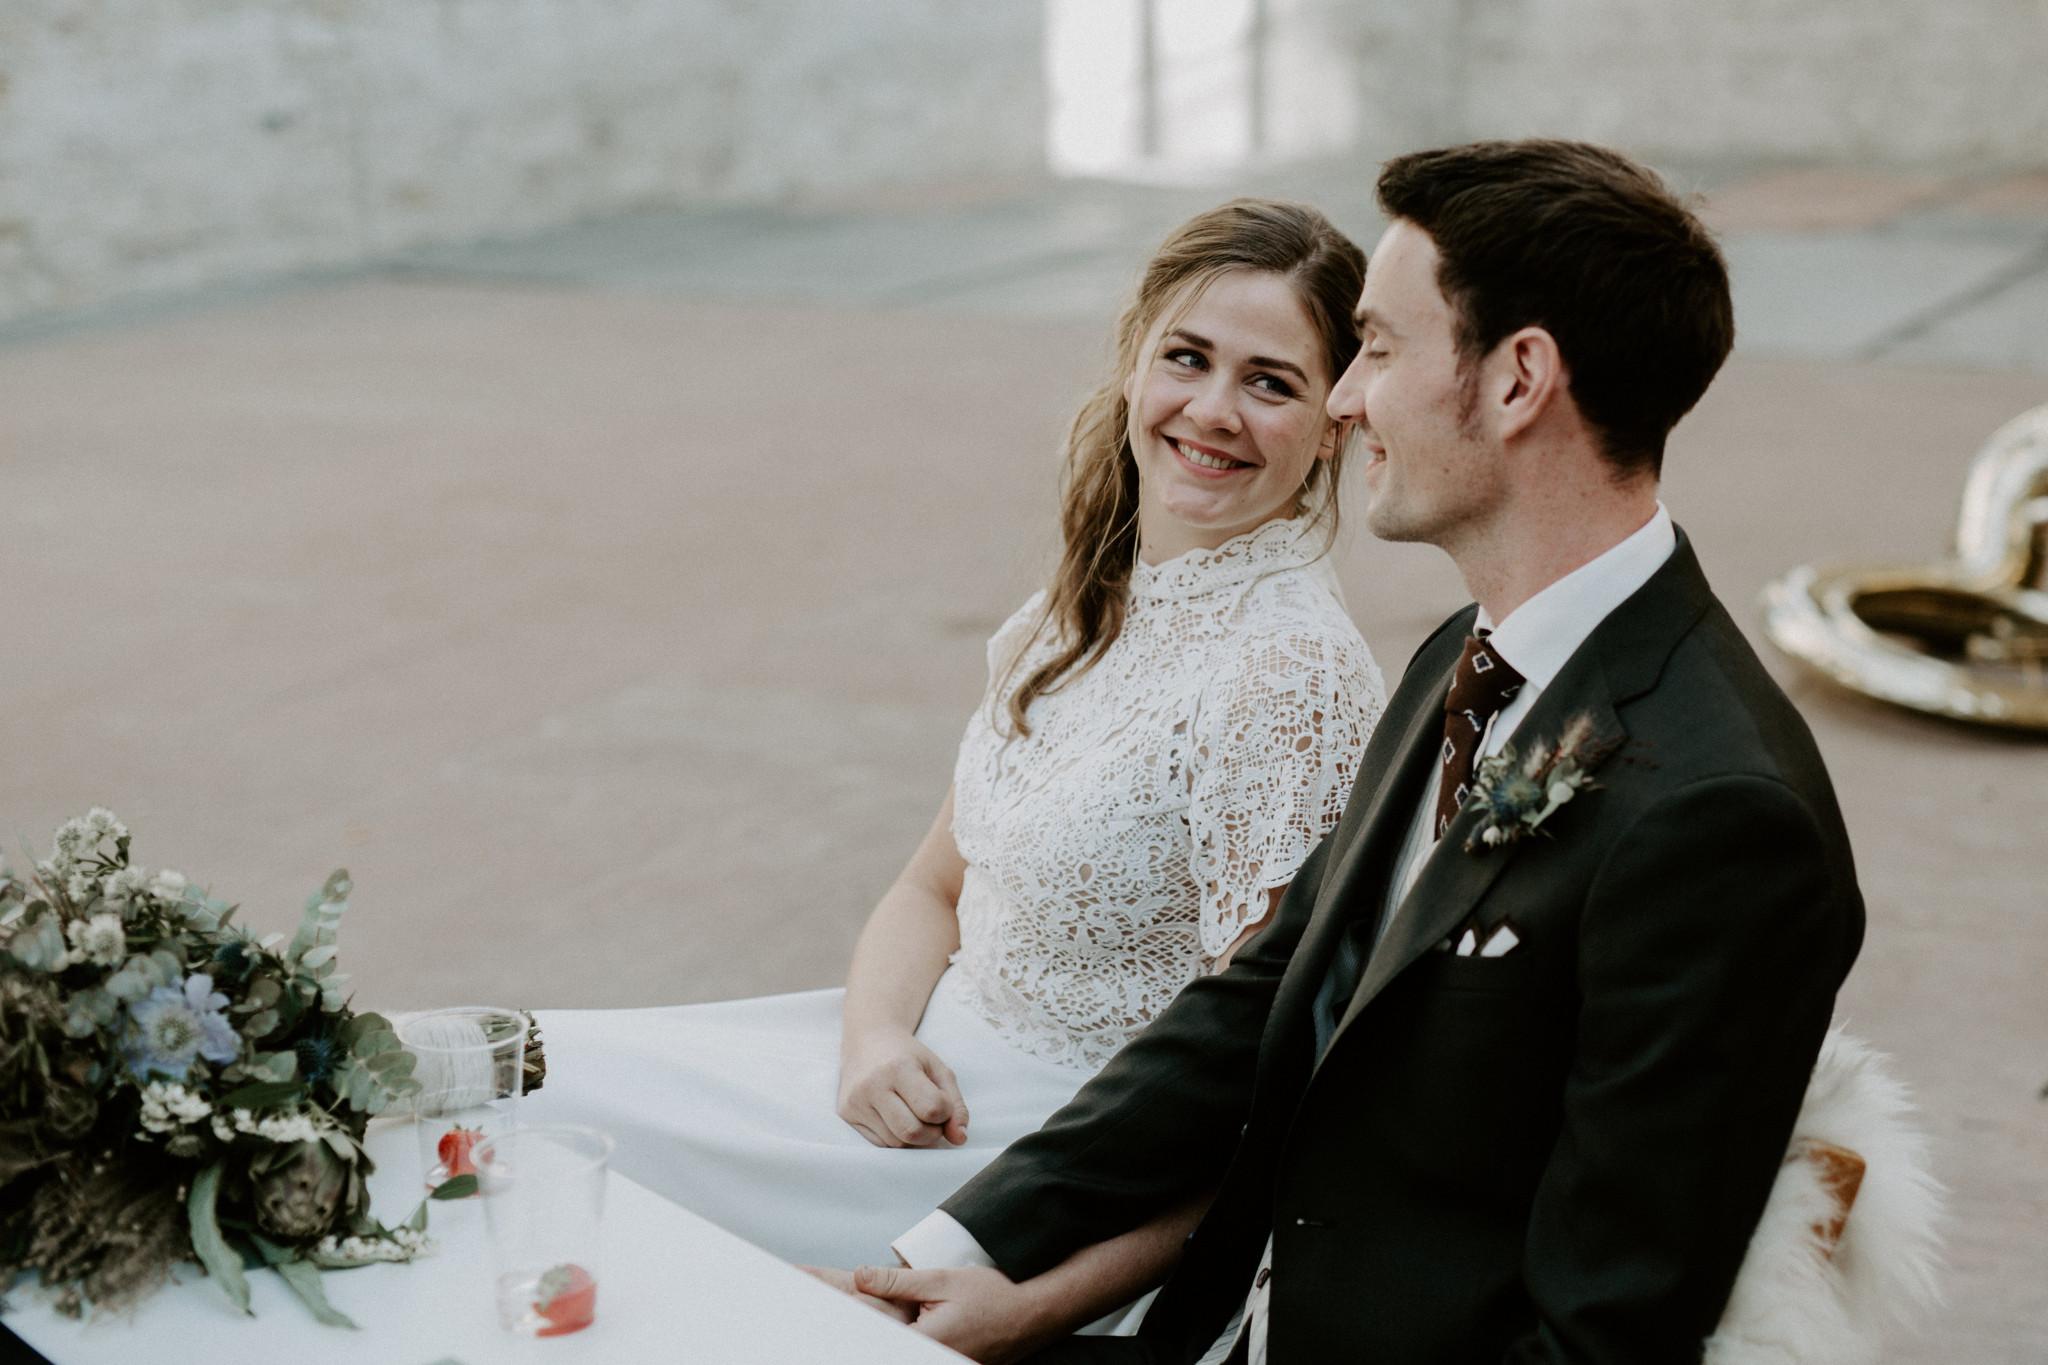 Hoeveel Geld Geef Je Op Een Bruiloft Theperfectwedding Nl